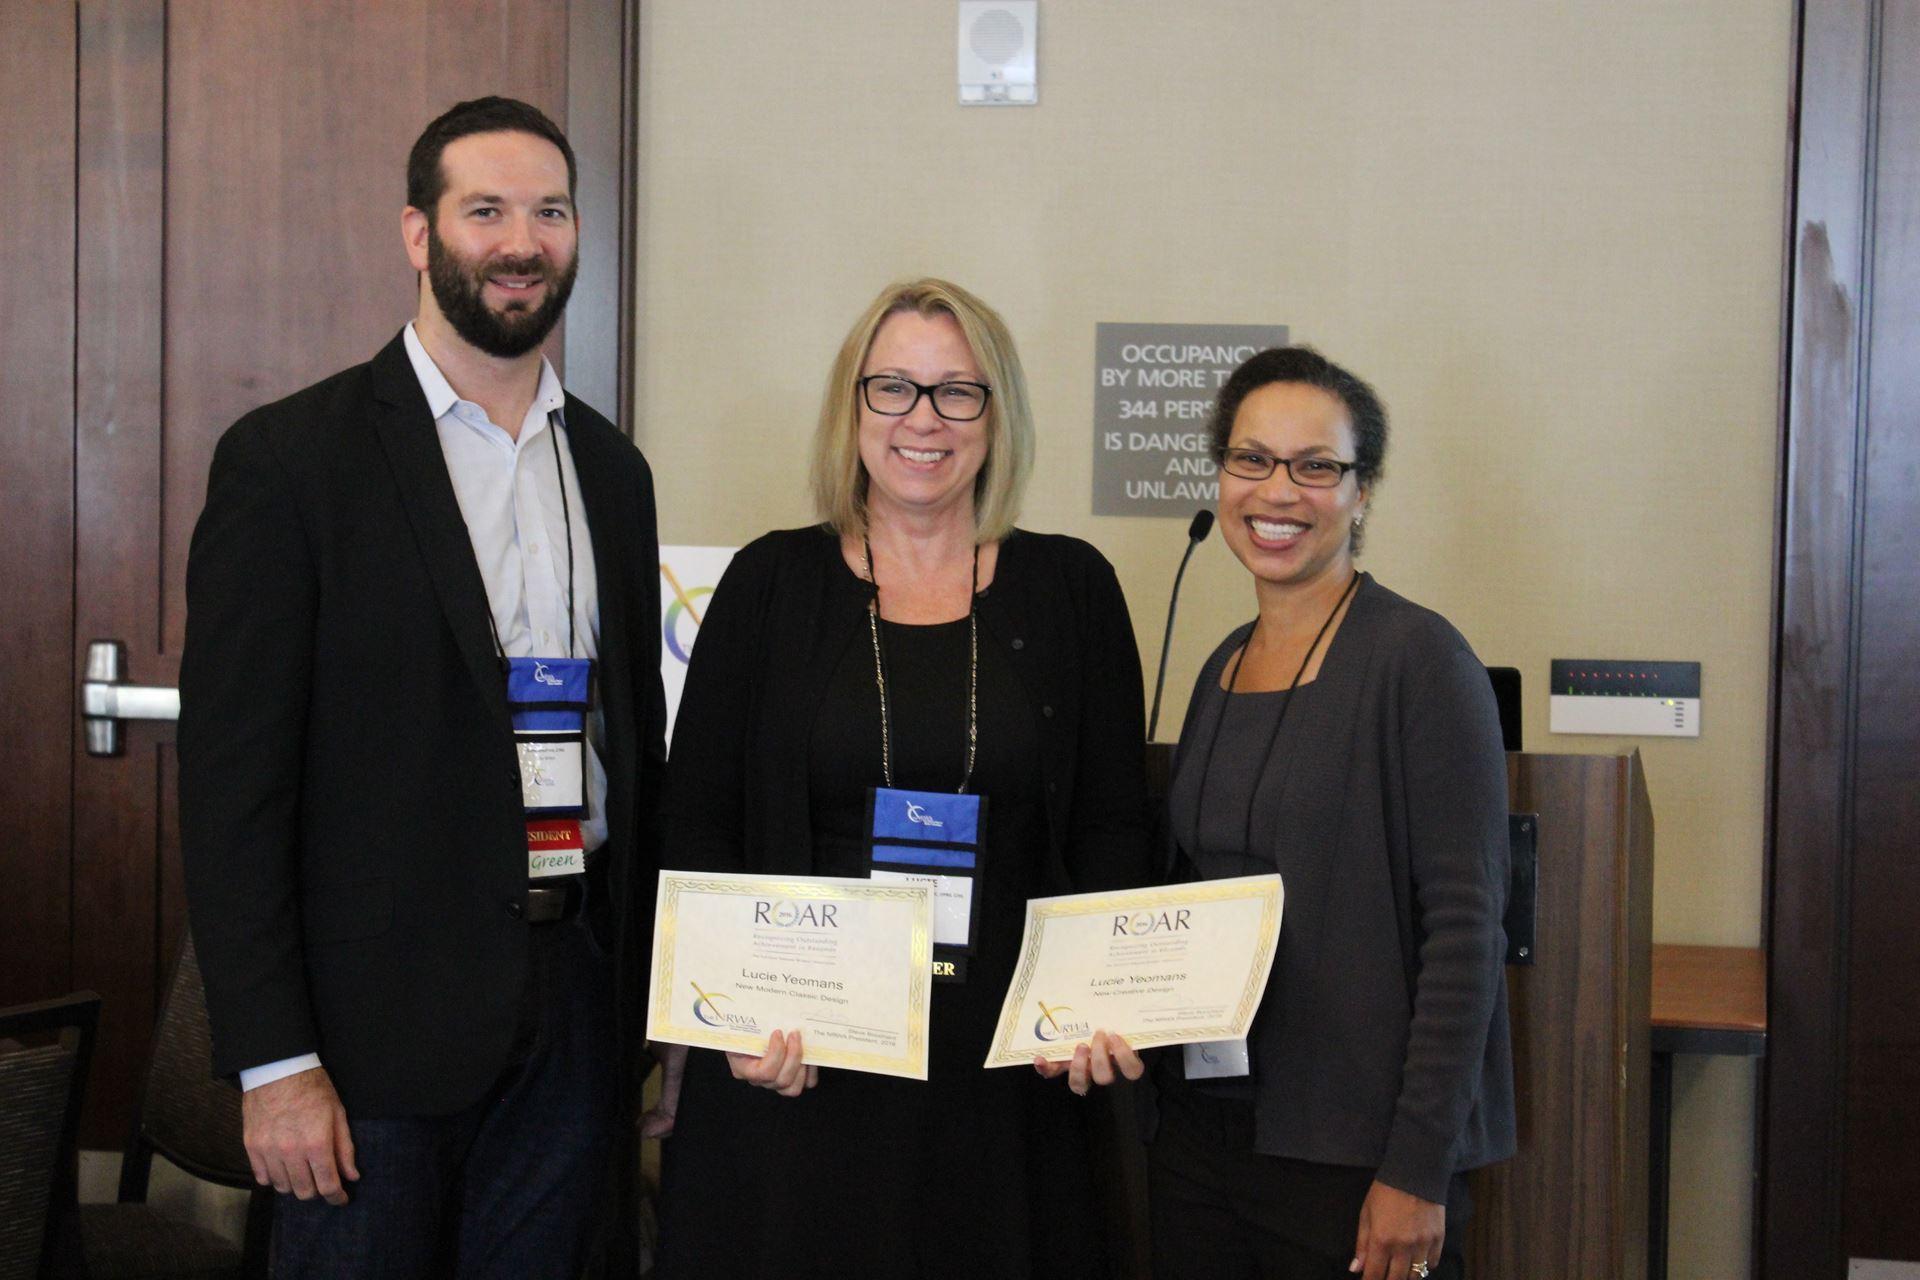 2016 roar award winners - National Resume Writers Association